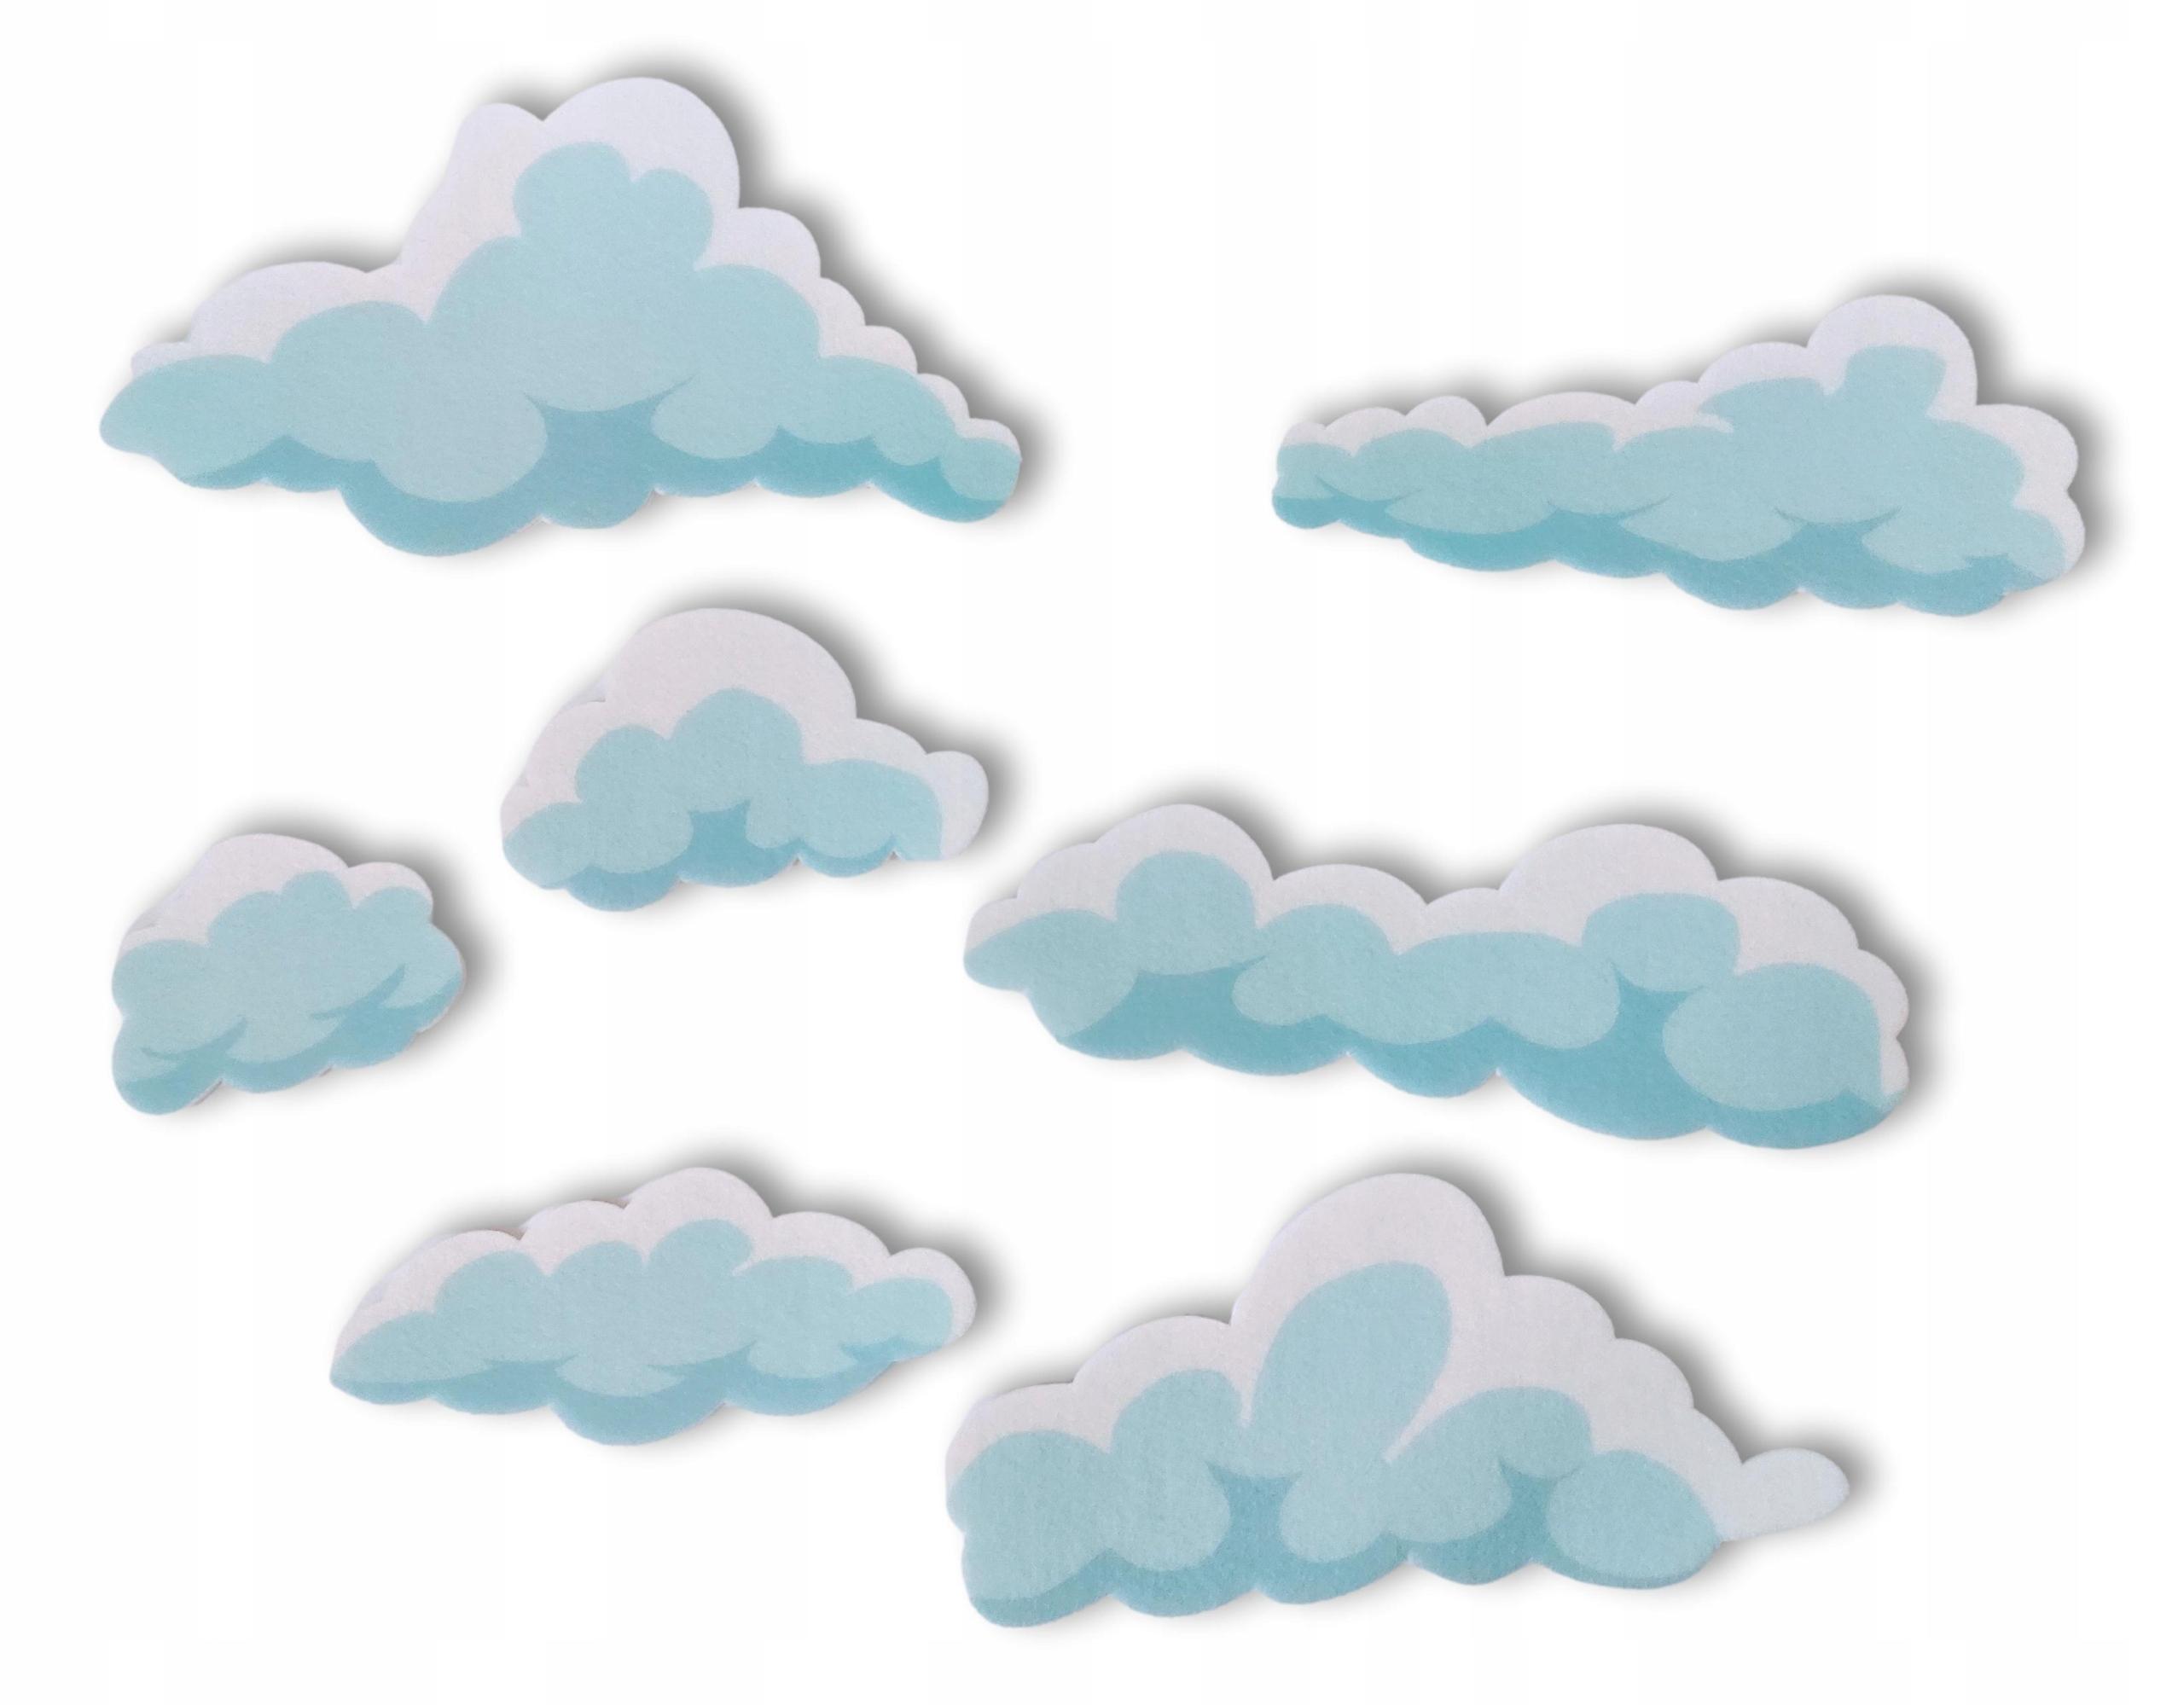 Облака мягкие наклейки на стену пастель